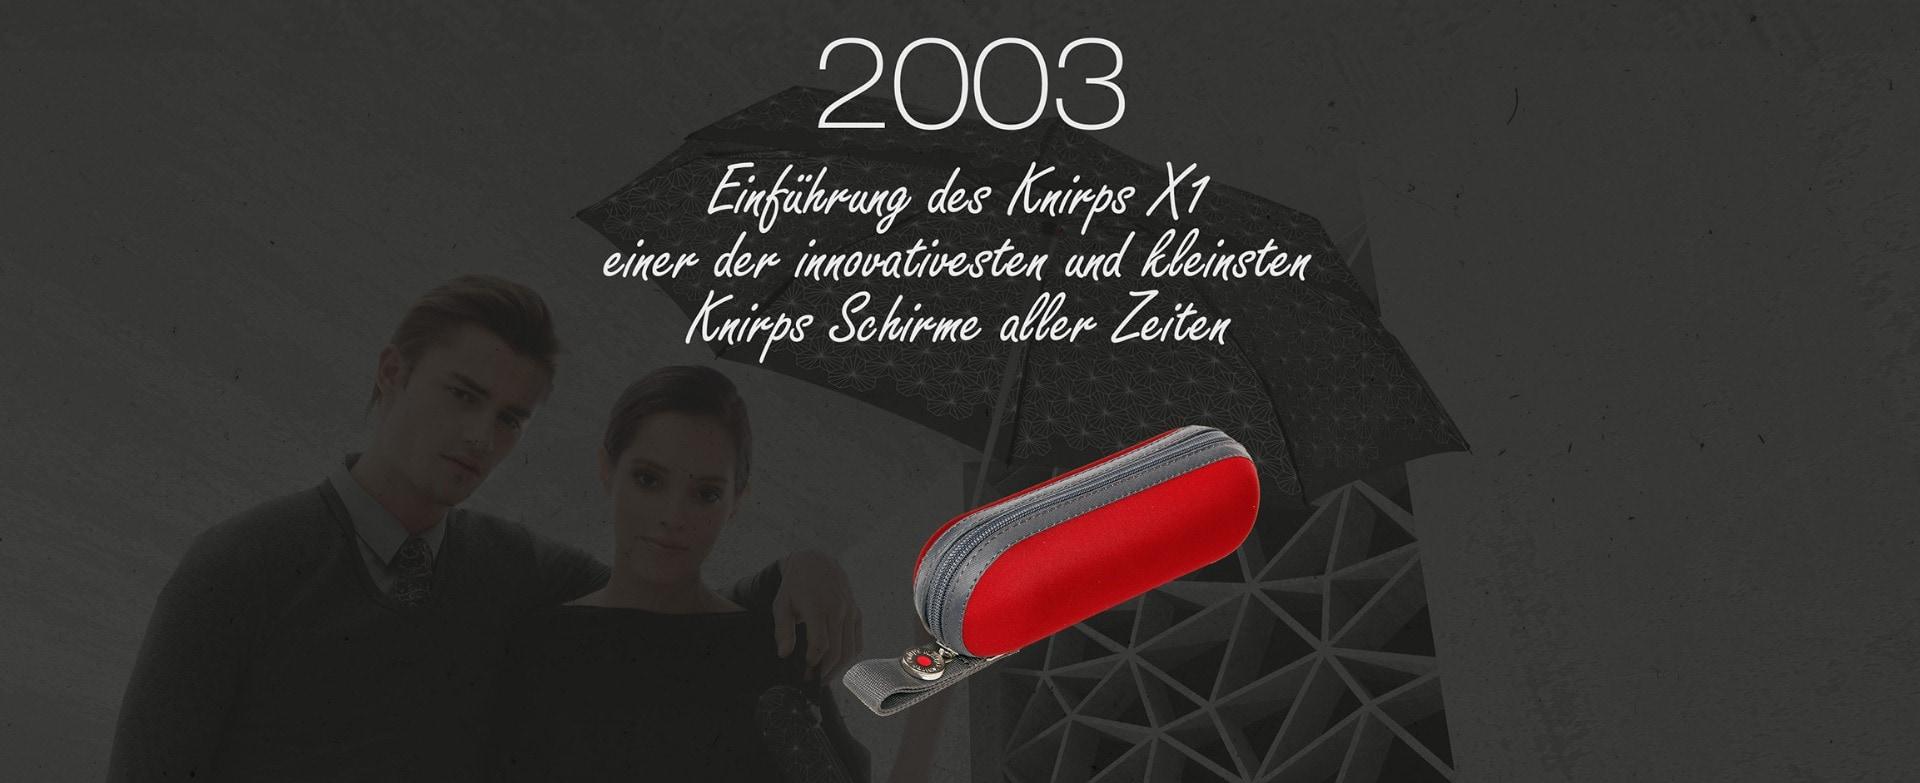 2003-Knirps-X1-der-innovativste-Taschenschirm-mit-Hardcasre